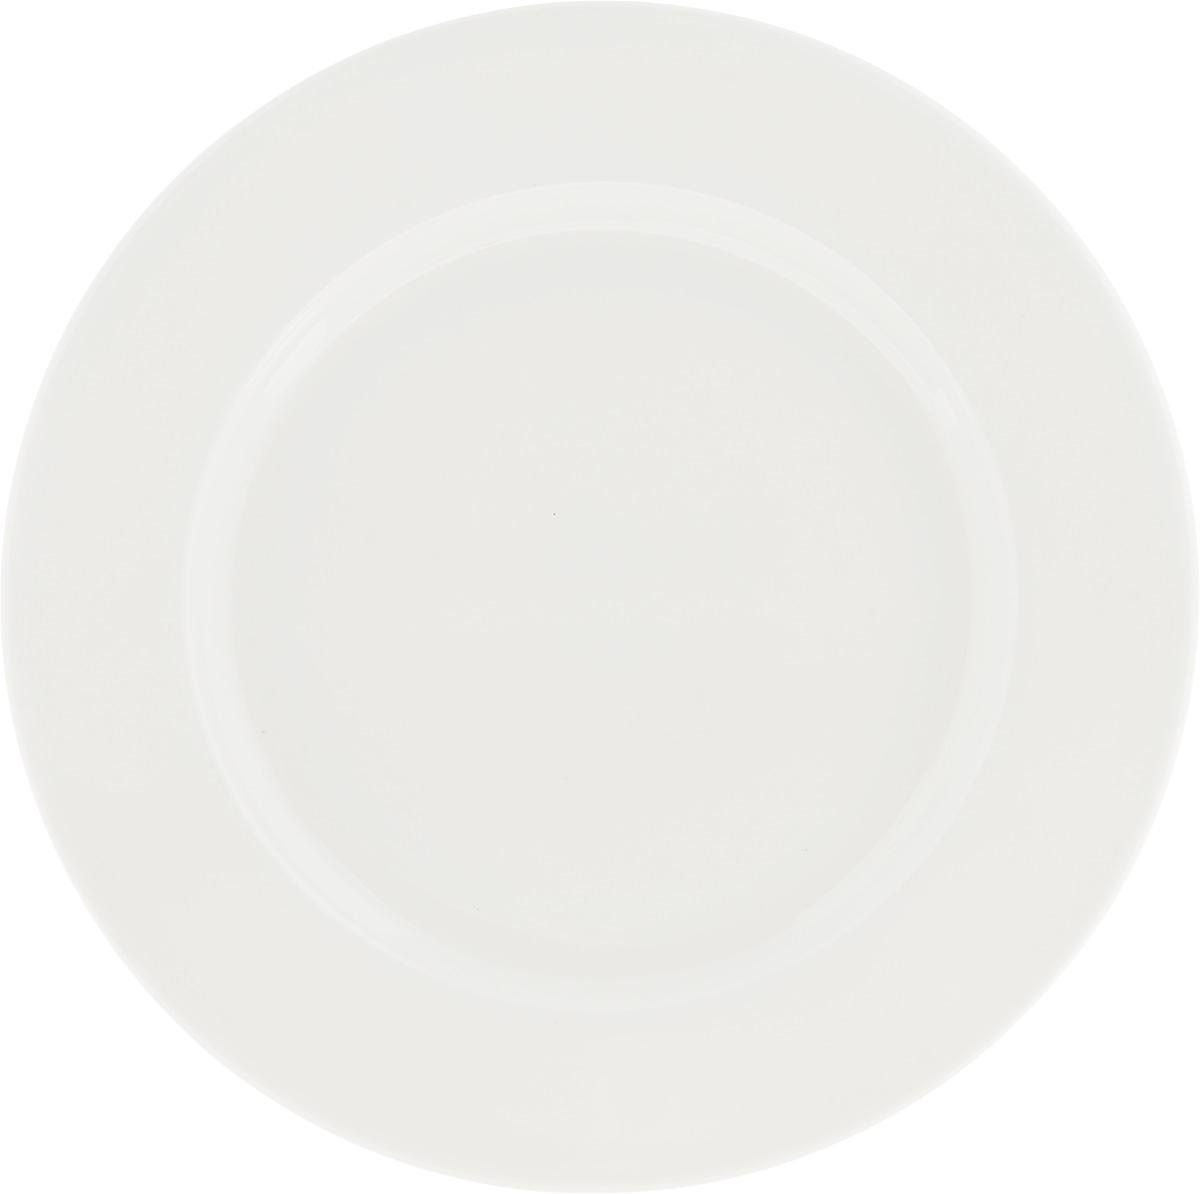 Тарелка Ariane Прайм, диаметр 19 смAPRARN11019Оригинальная тарелка Ariane Прайм изготовлена из высококачественного фарфора с глазурованным покрытием. Изделие круглой формы идеально подходит для сервировки закусок и других блюд. Такая тарелка прекрасно впишется в интерьер вашей кухни и станет достойным дополнением к кухонному инвентарю. Можно мыть в посудомоечной машине и использовать в микроволновой печи. Диаметр тарелки (по верхнему краю): 19 см.